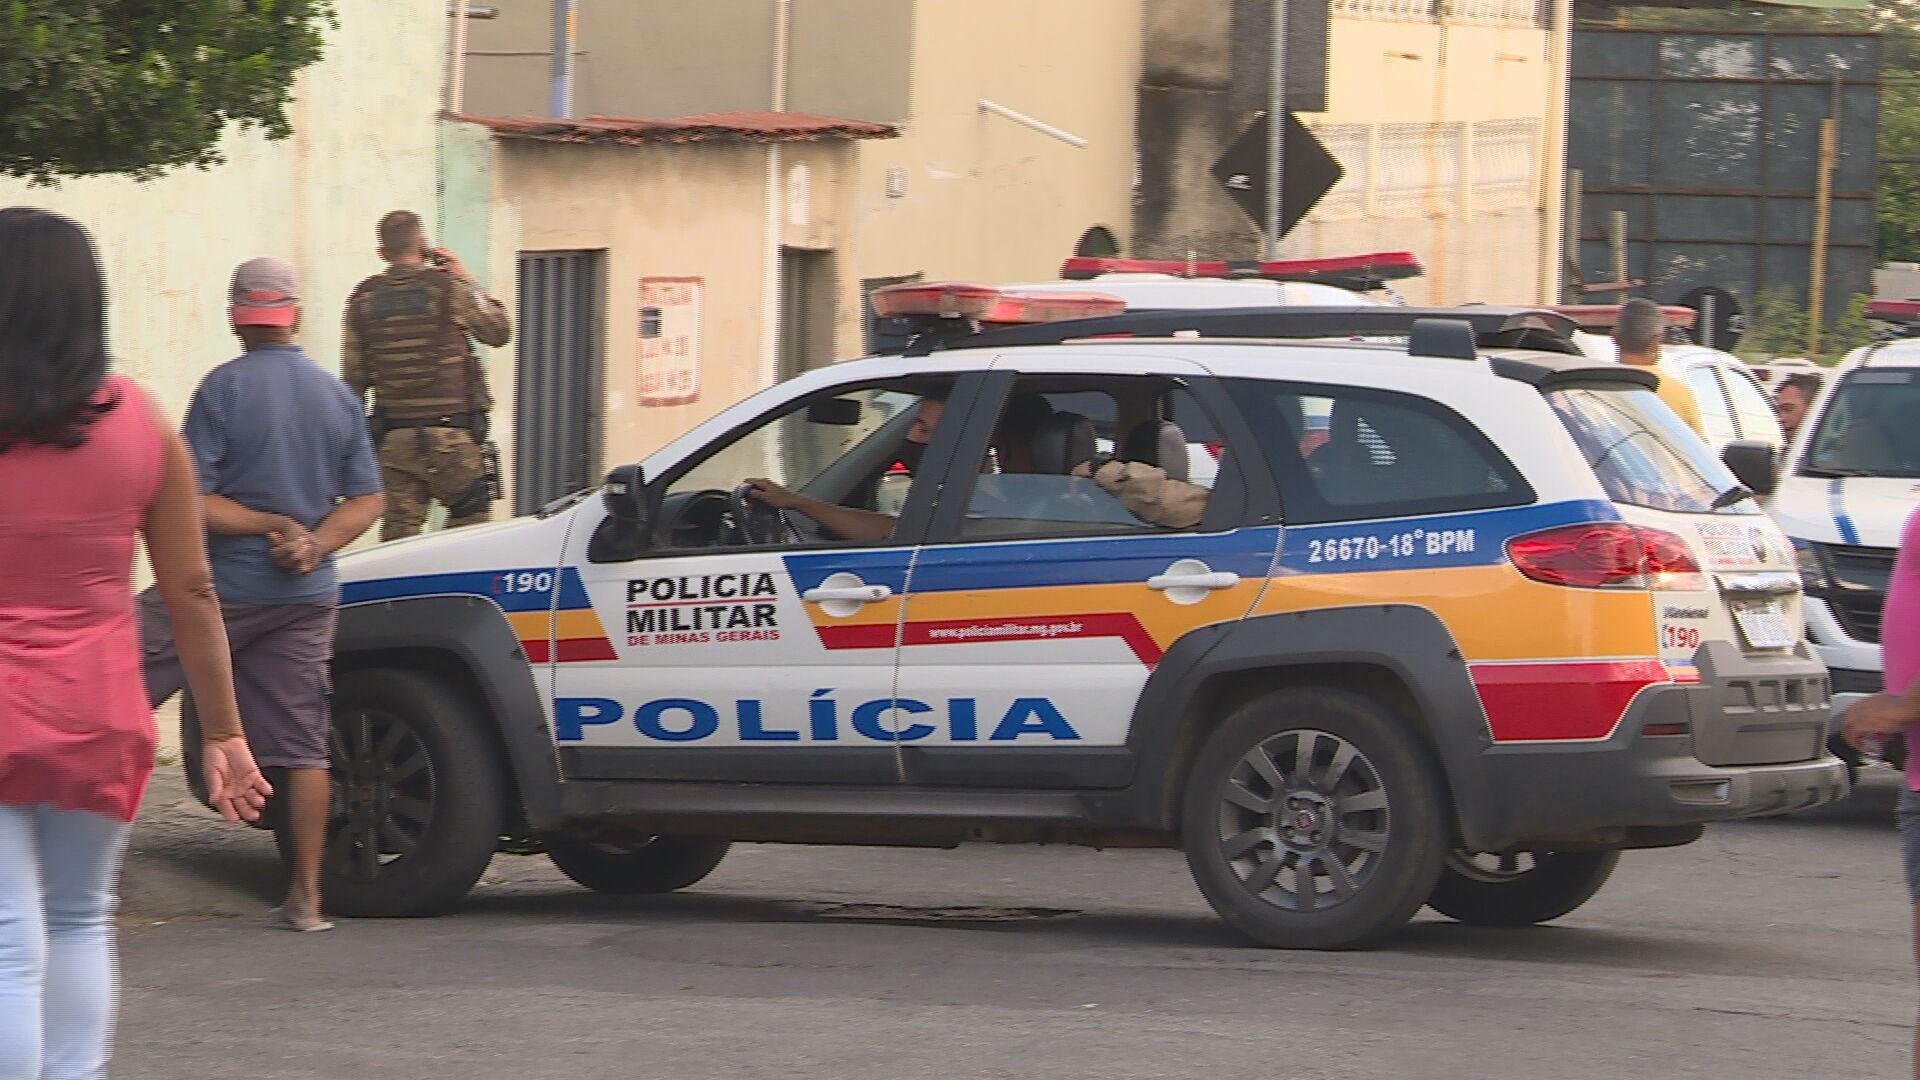 Traficante morre após troca de tiros com a PM em Contagem, na Grande BH; outros 4 foram presos